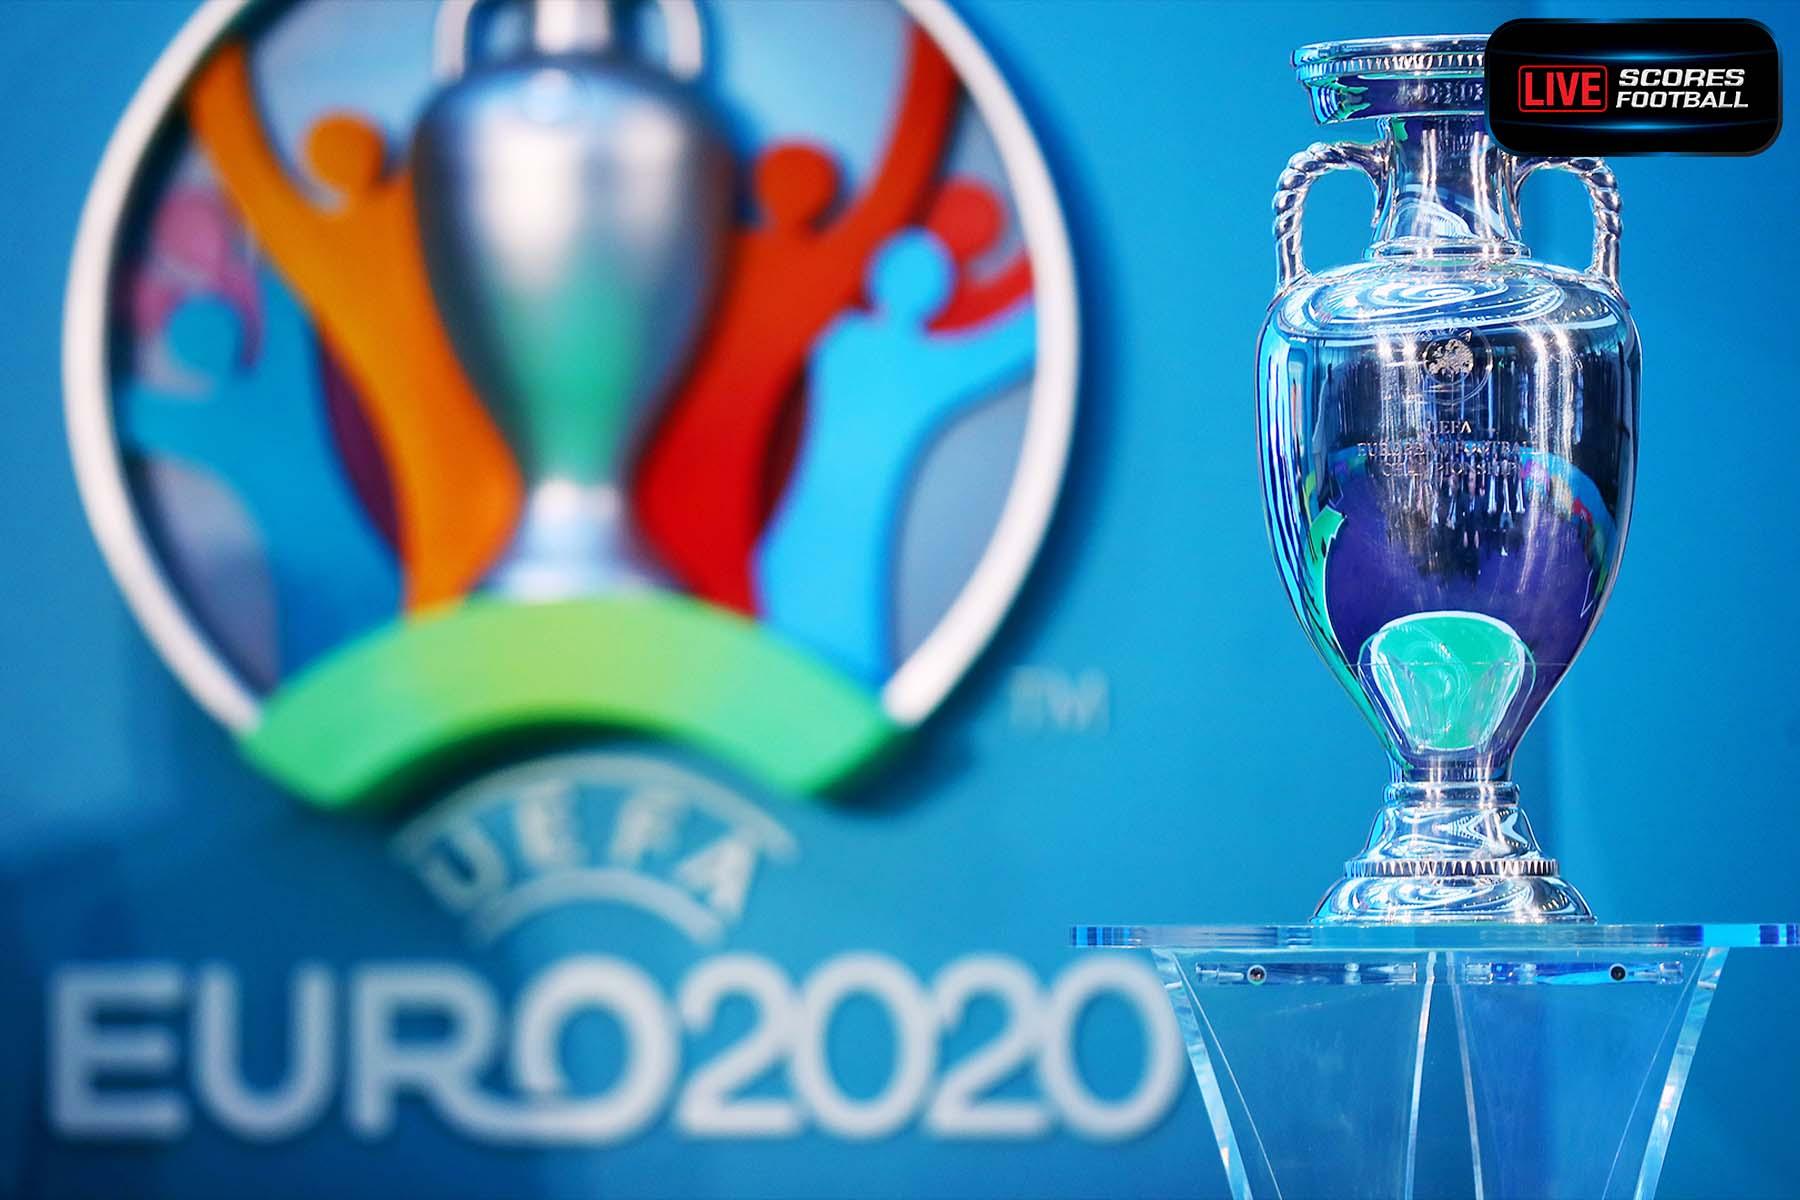 """ต้อนรับยูโร 2020 """"กระทิงดุ 2 สมัยซ้อน ฝอยทองคว้าสมัยแรก"""" ย้อนรอยแชมป์ฟุตบอลยูโร 5 ครั้งหลังสุด ตั้งแต่ปี 2000-2016"""